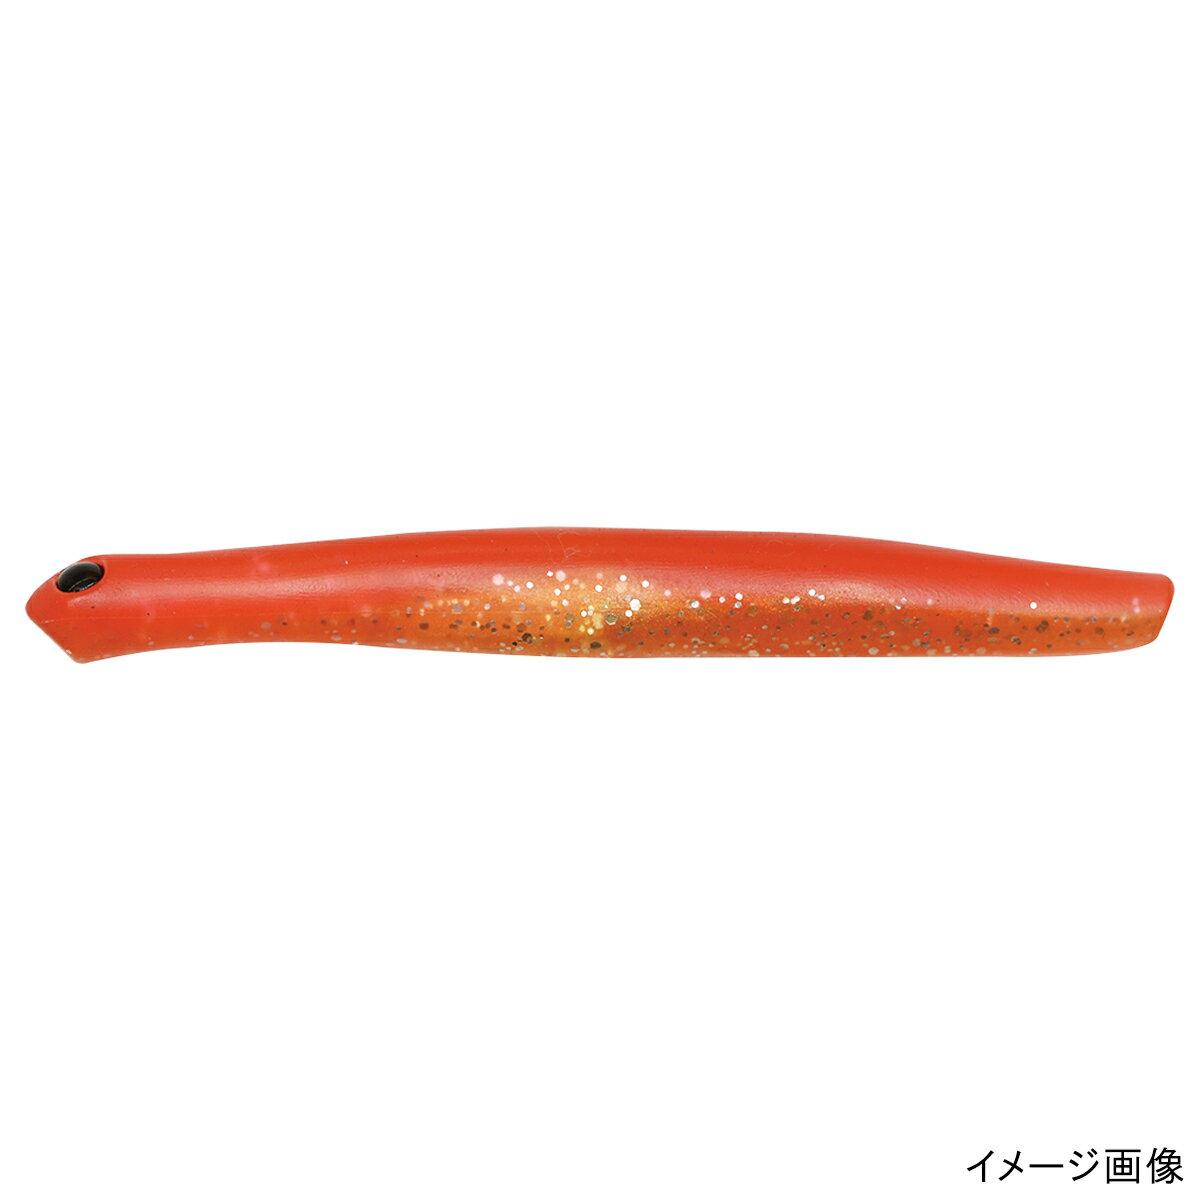 ジャクソン うにょうにょ CZO 超絶オレンジラメ【ゆうパケット】